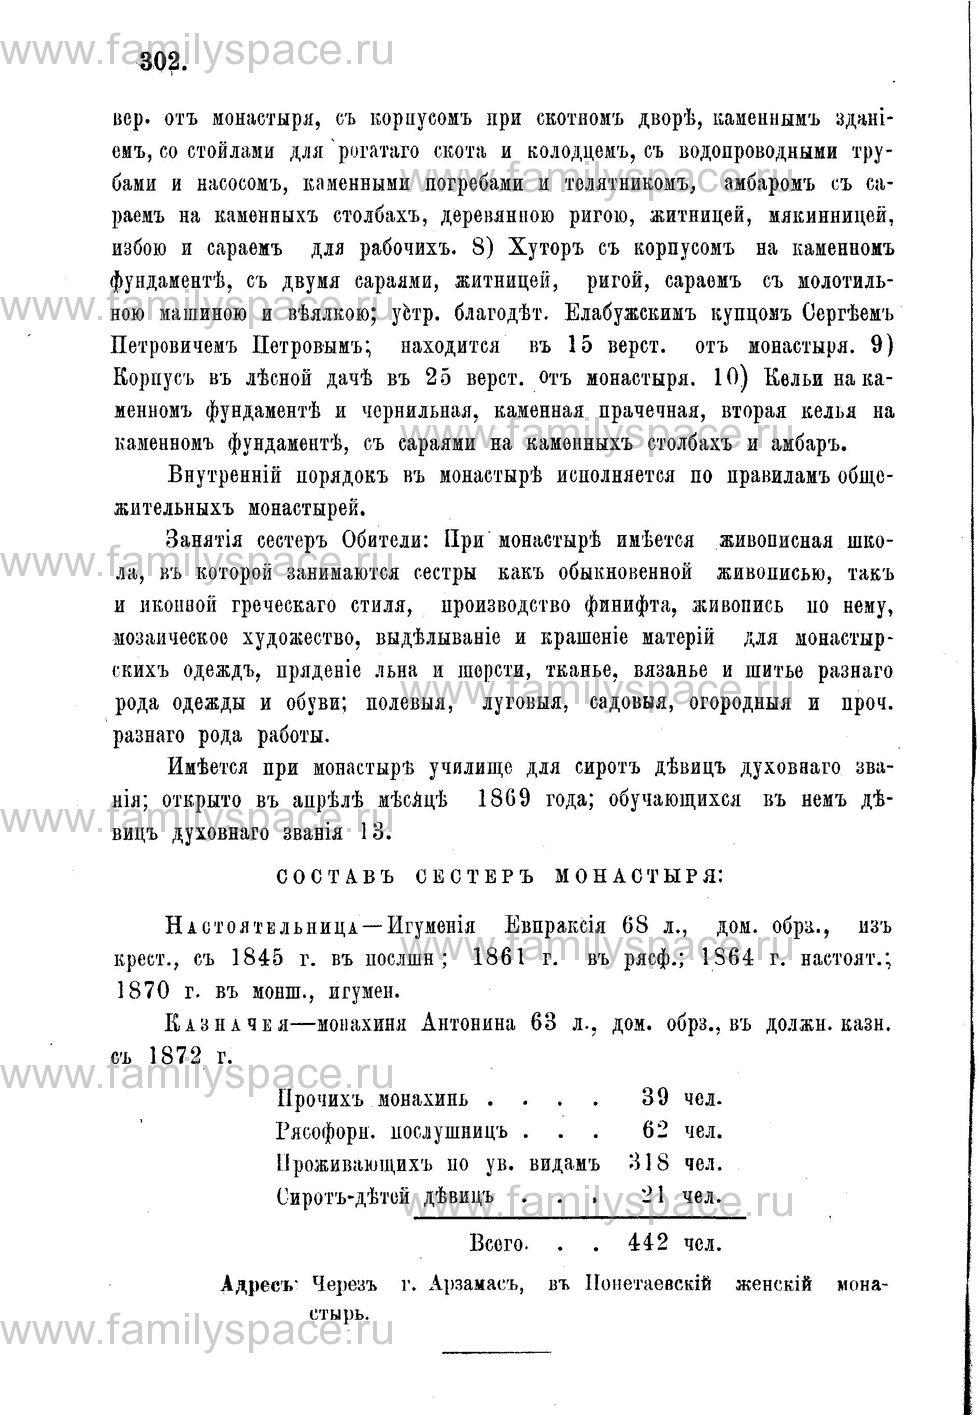 Поиск по фамилии - Адрес-календарь Нижегородской епархии на 1888 год, страница 1302